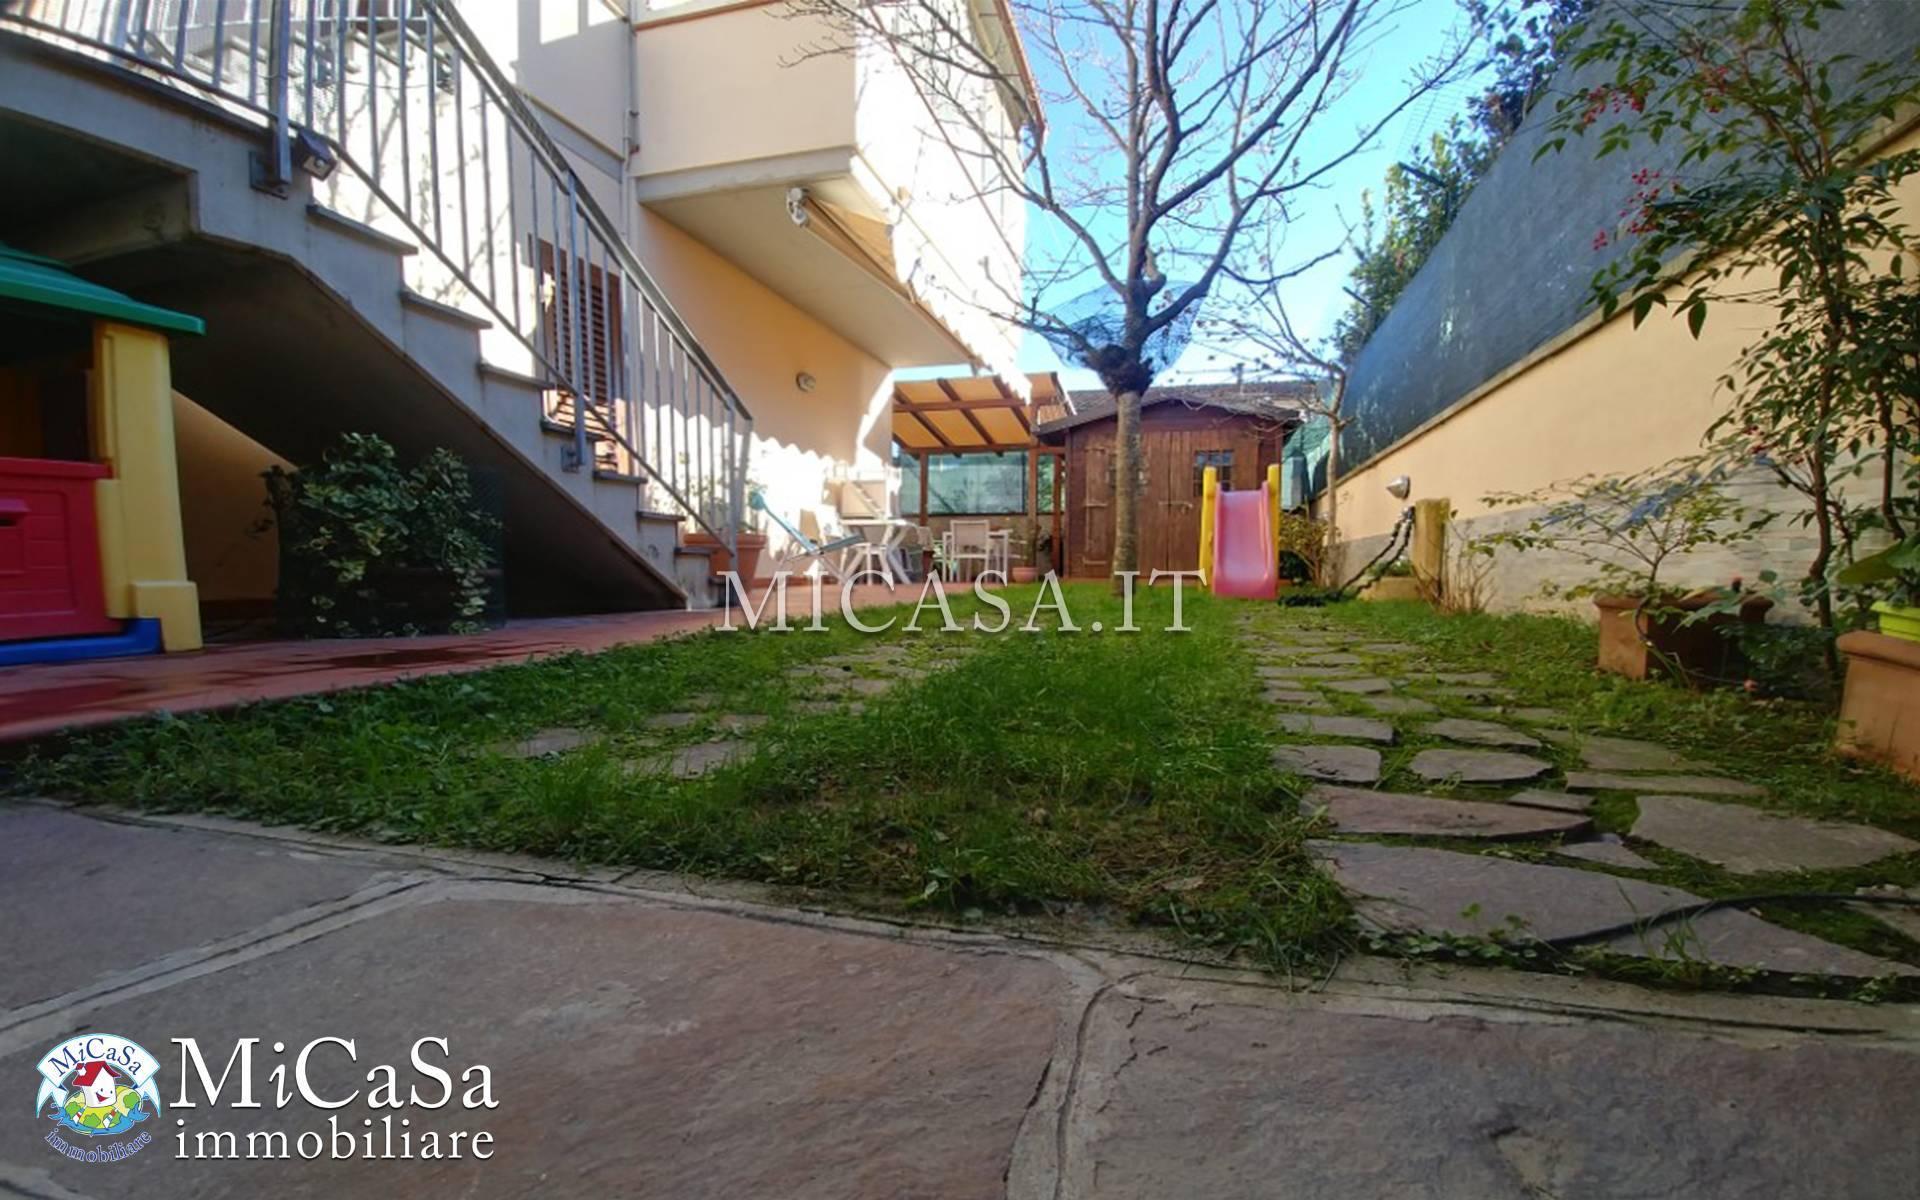 Appartamento in vendita a Cascina, 6 locali, zona Località: CASCINA, prezzo € 279.000   PortaleAgenzieImmobiliari.it